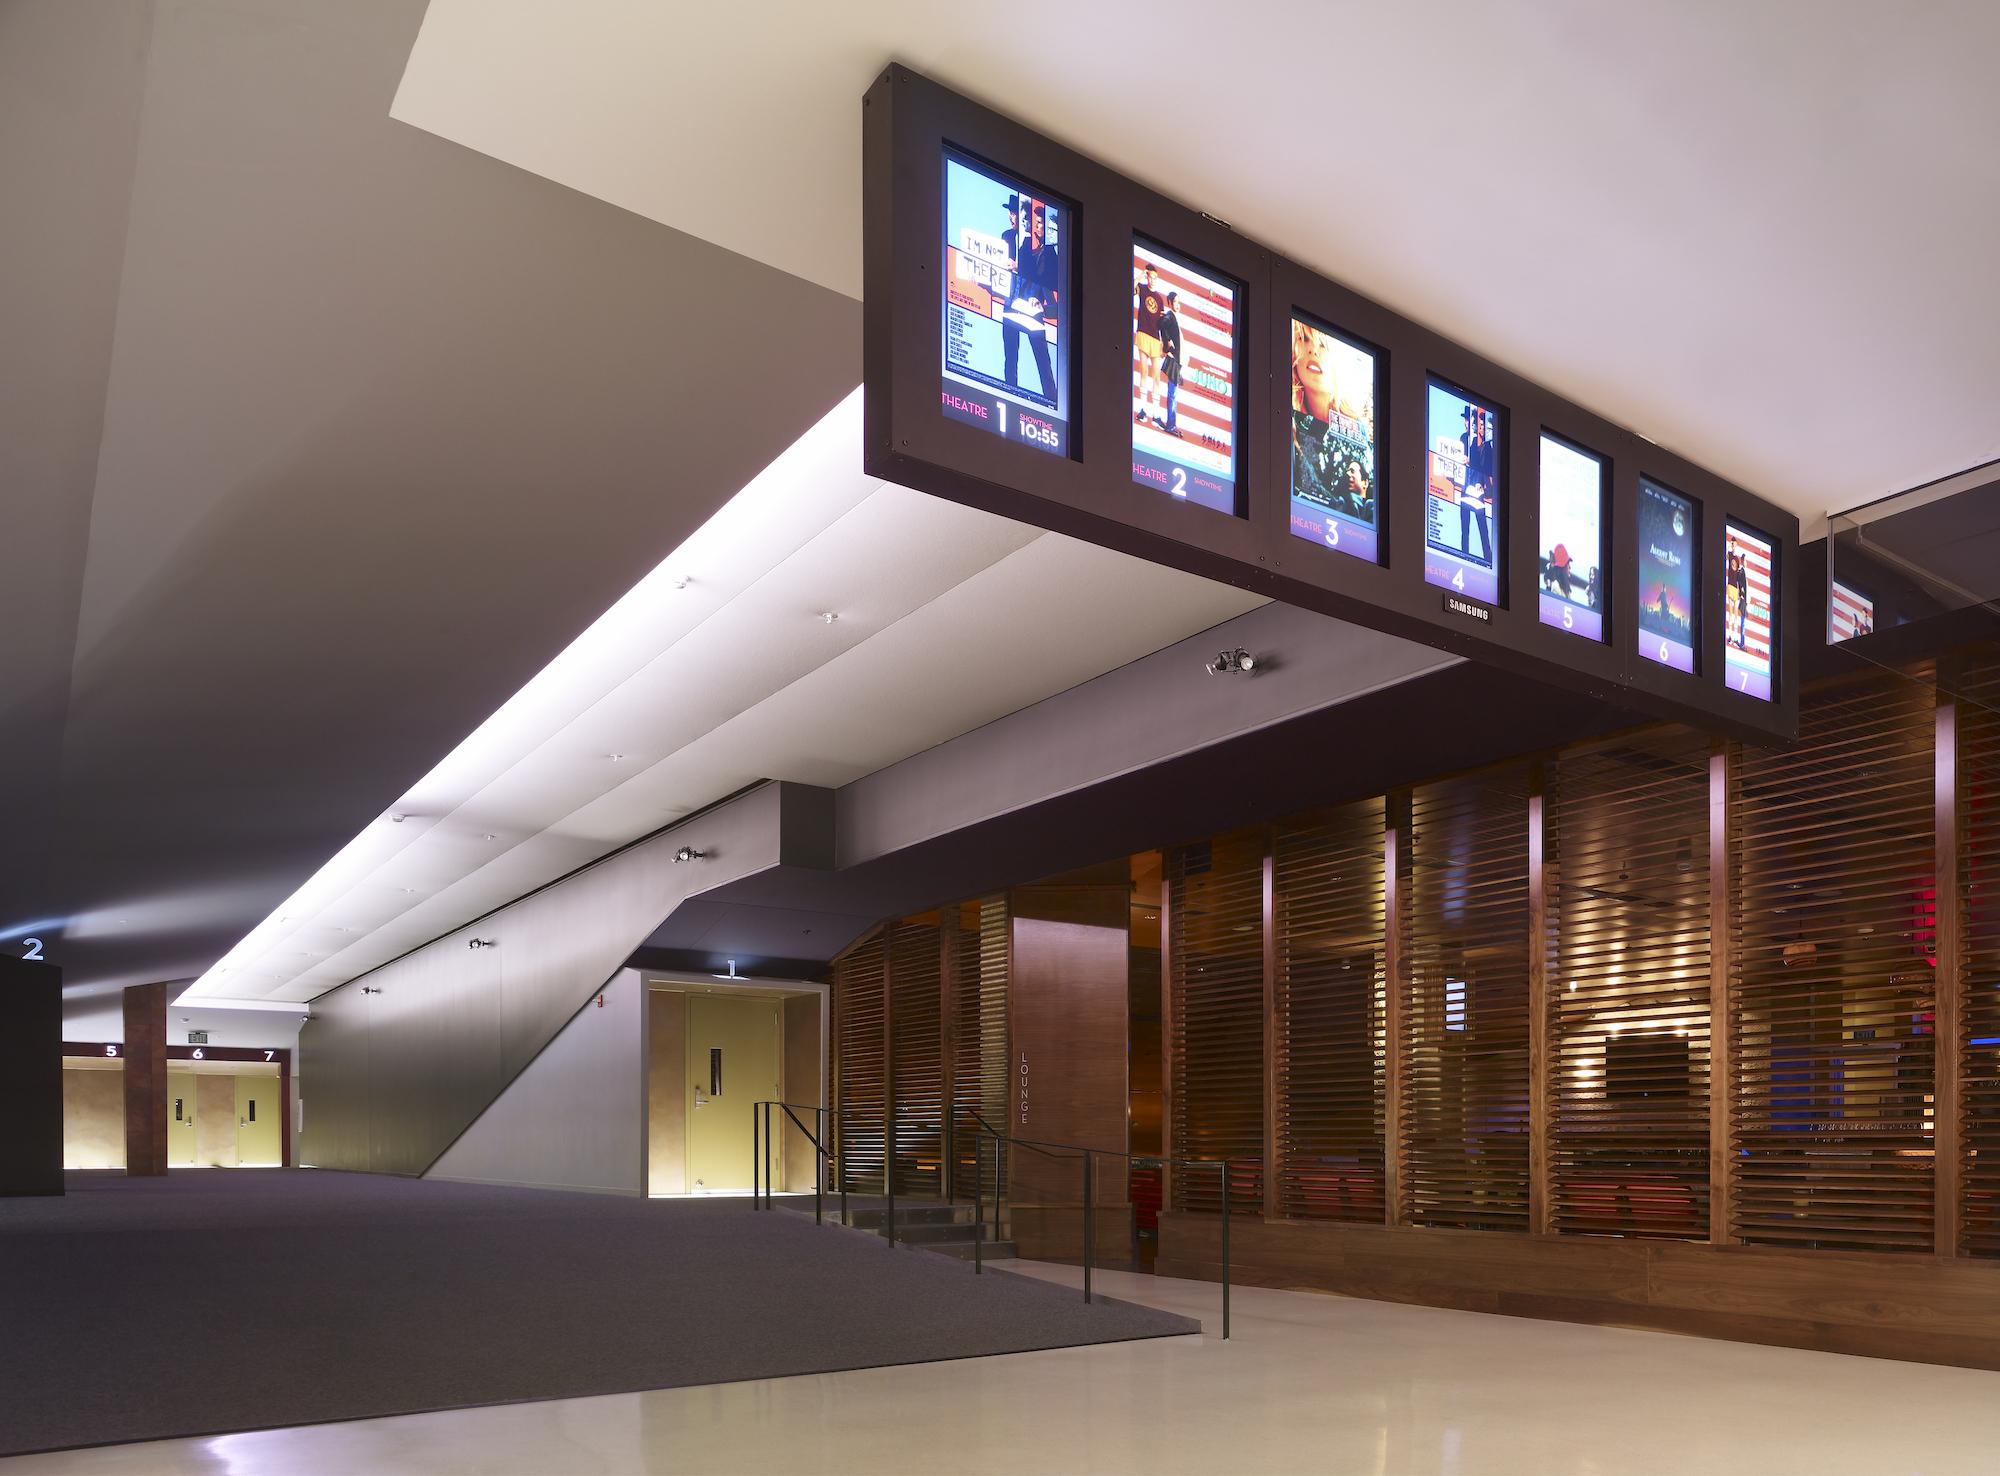 The Landmark Film Center